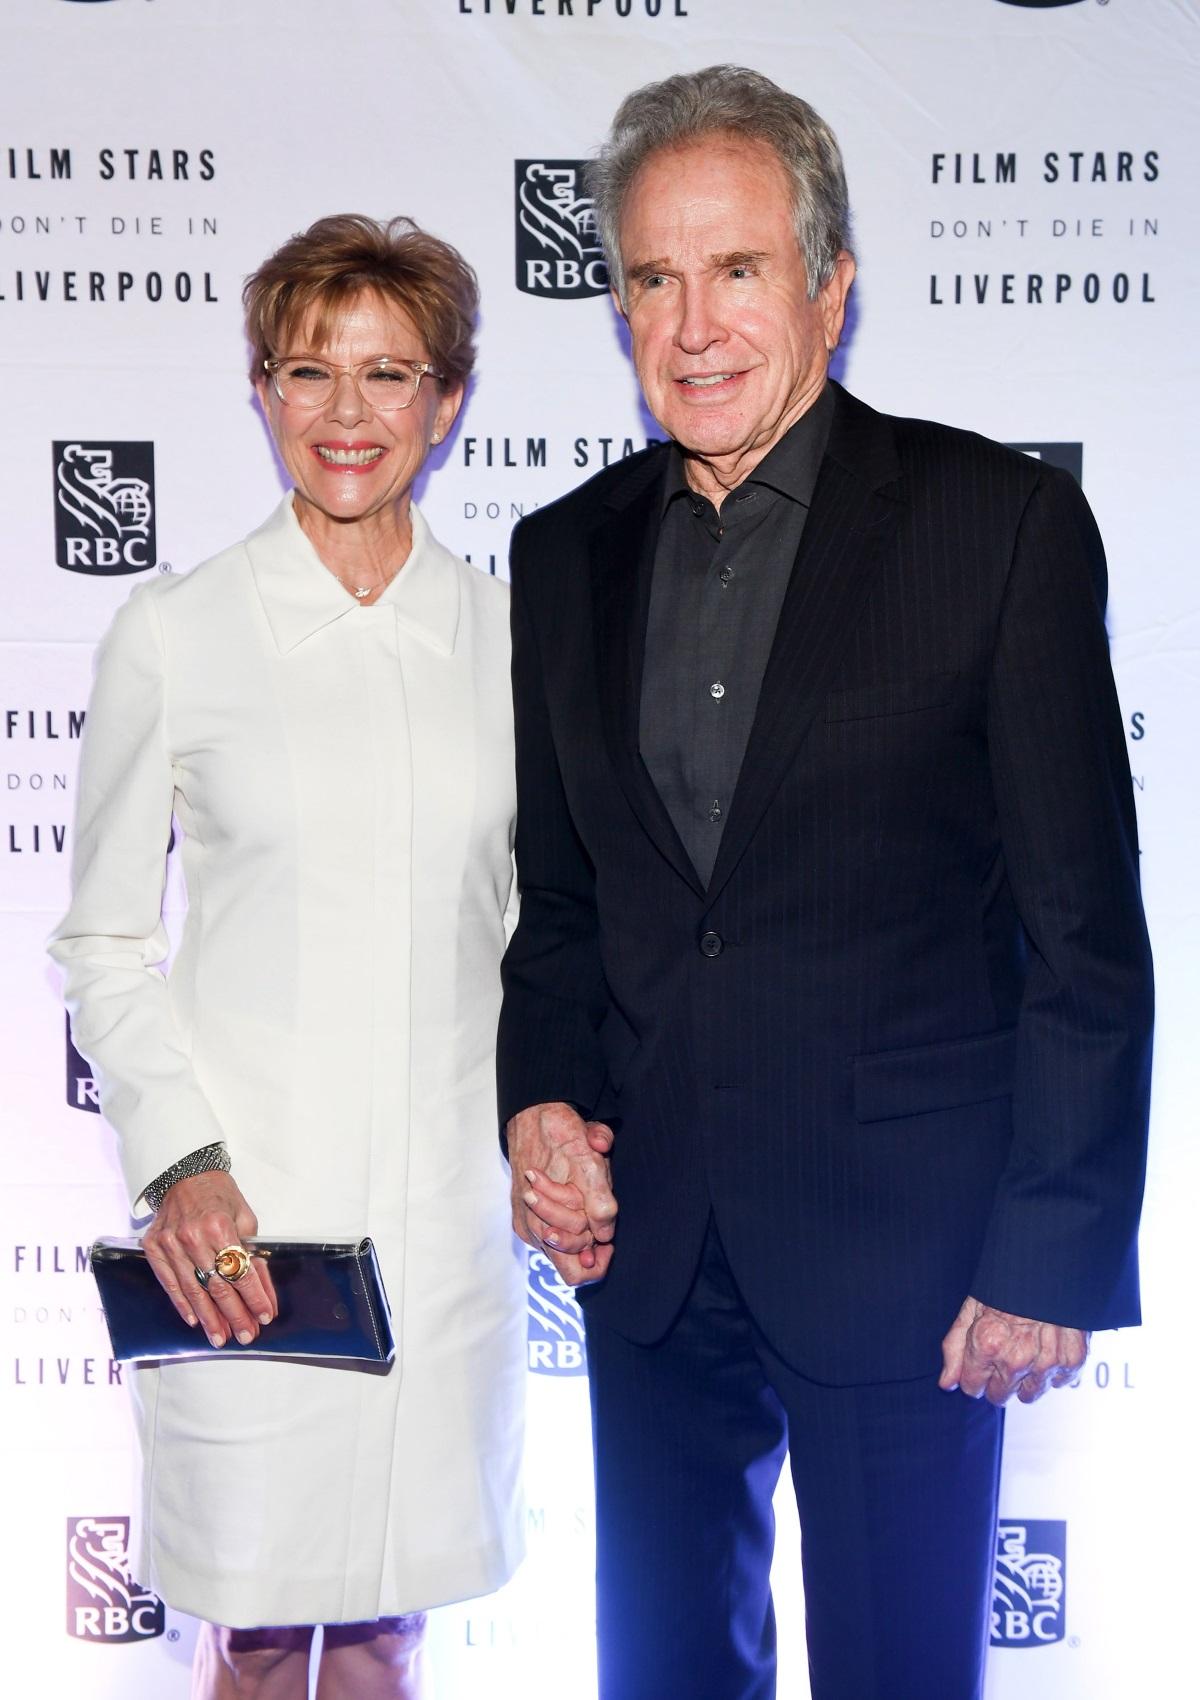 Актьорът Уорън Бийти се жени за своята любимаАнет Бенинг на 55 г. през 1992 г. Двамата все още са заедно и имат 4 деца.